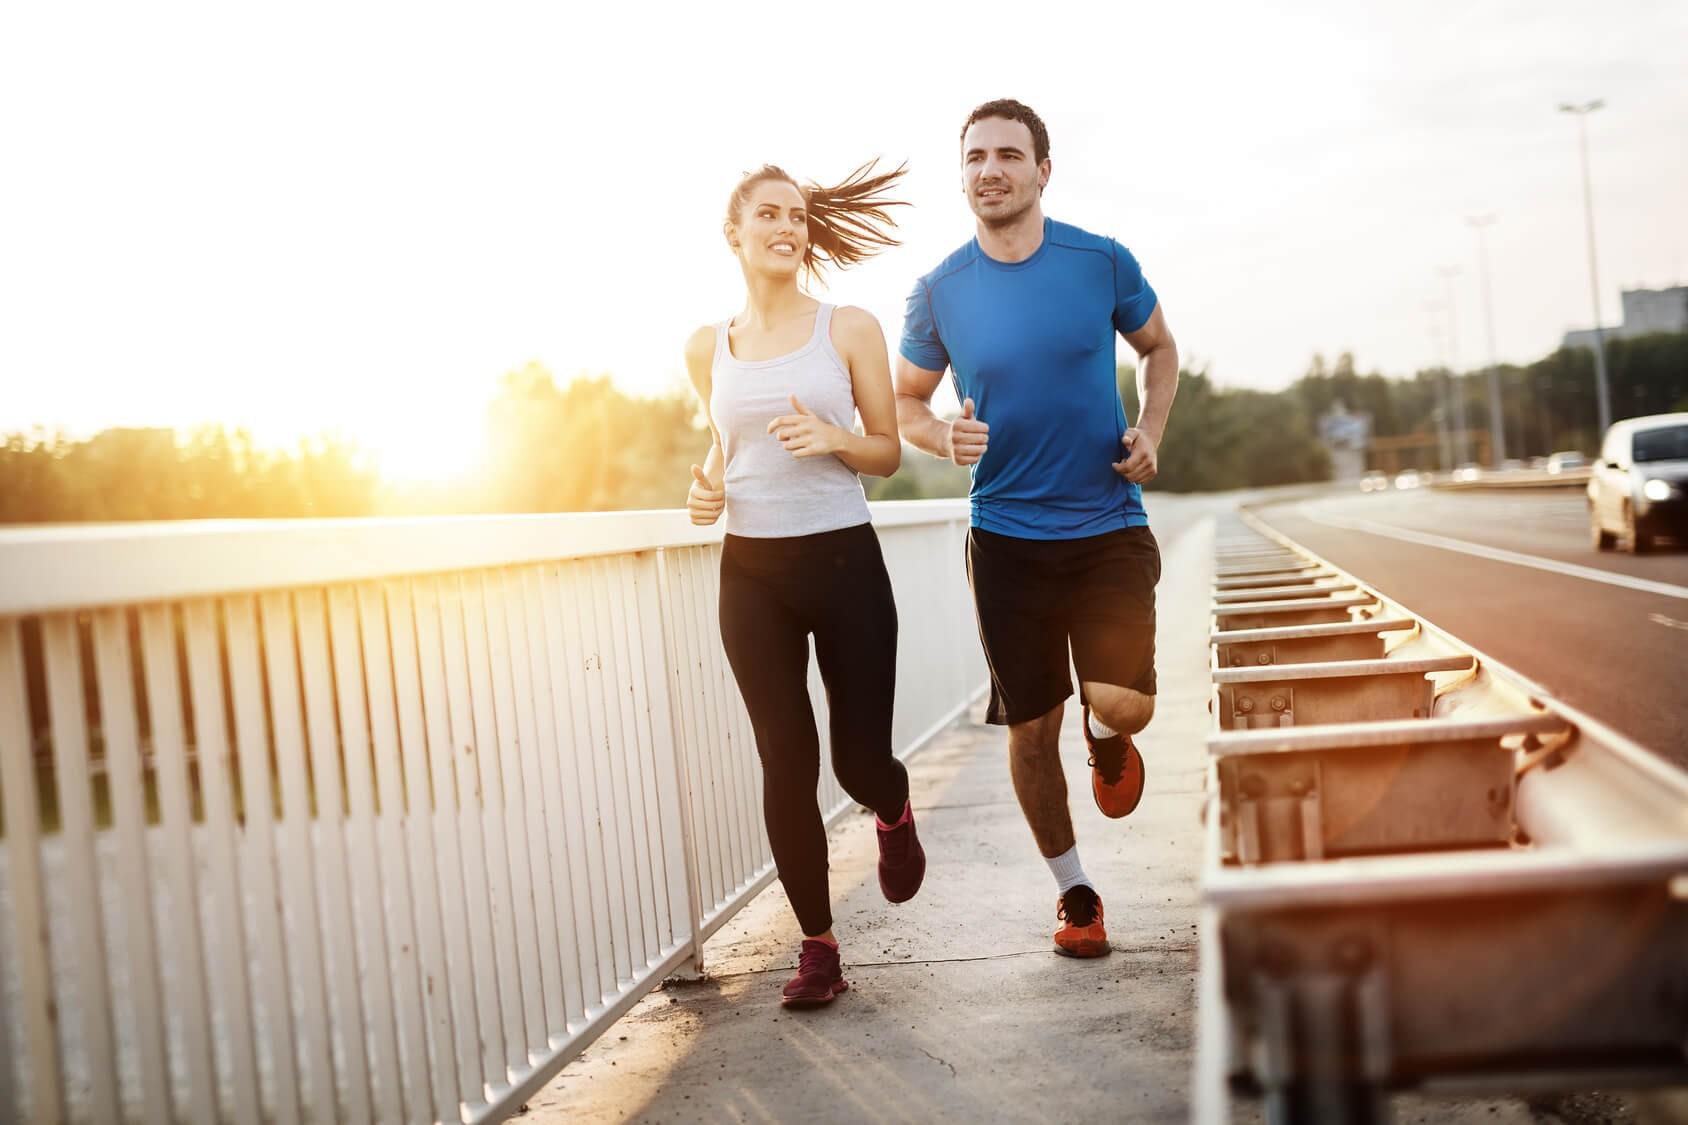 Nên chạy bộ lúc 5h30 đến 6h sáng